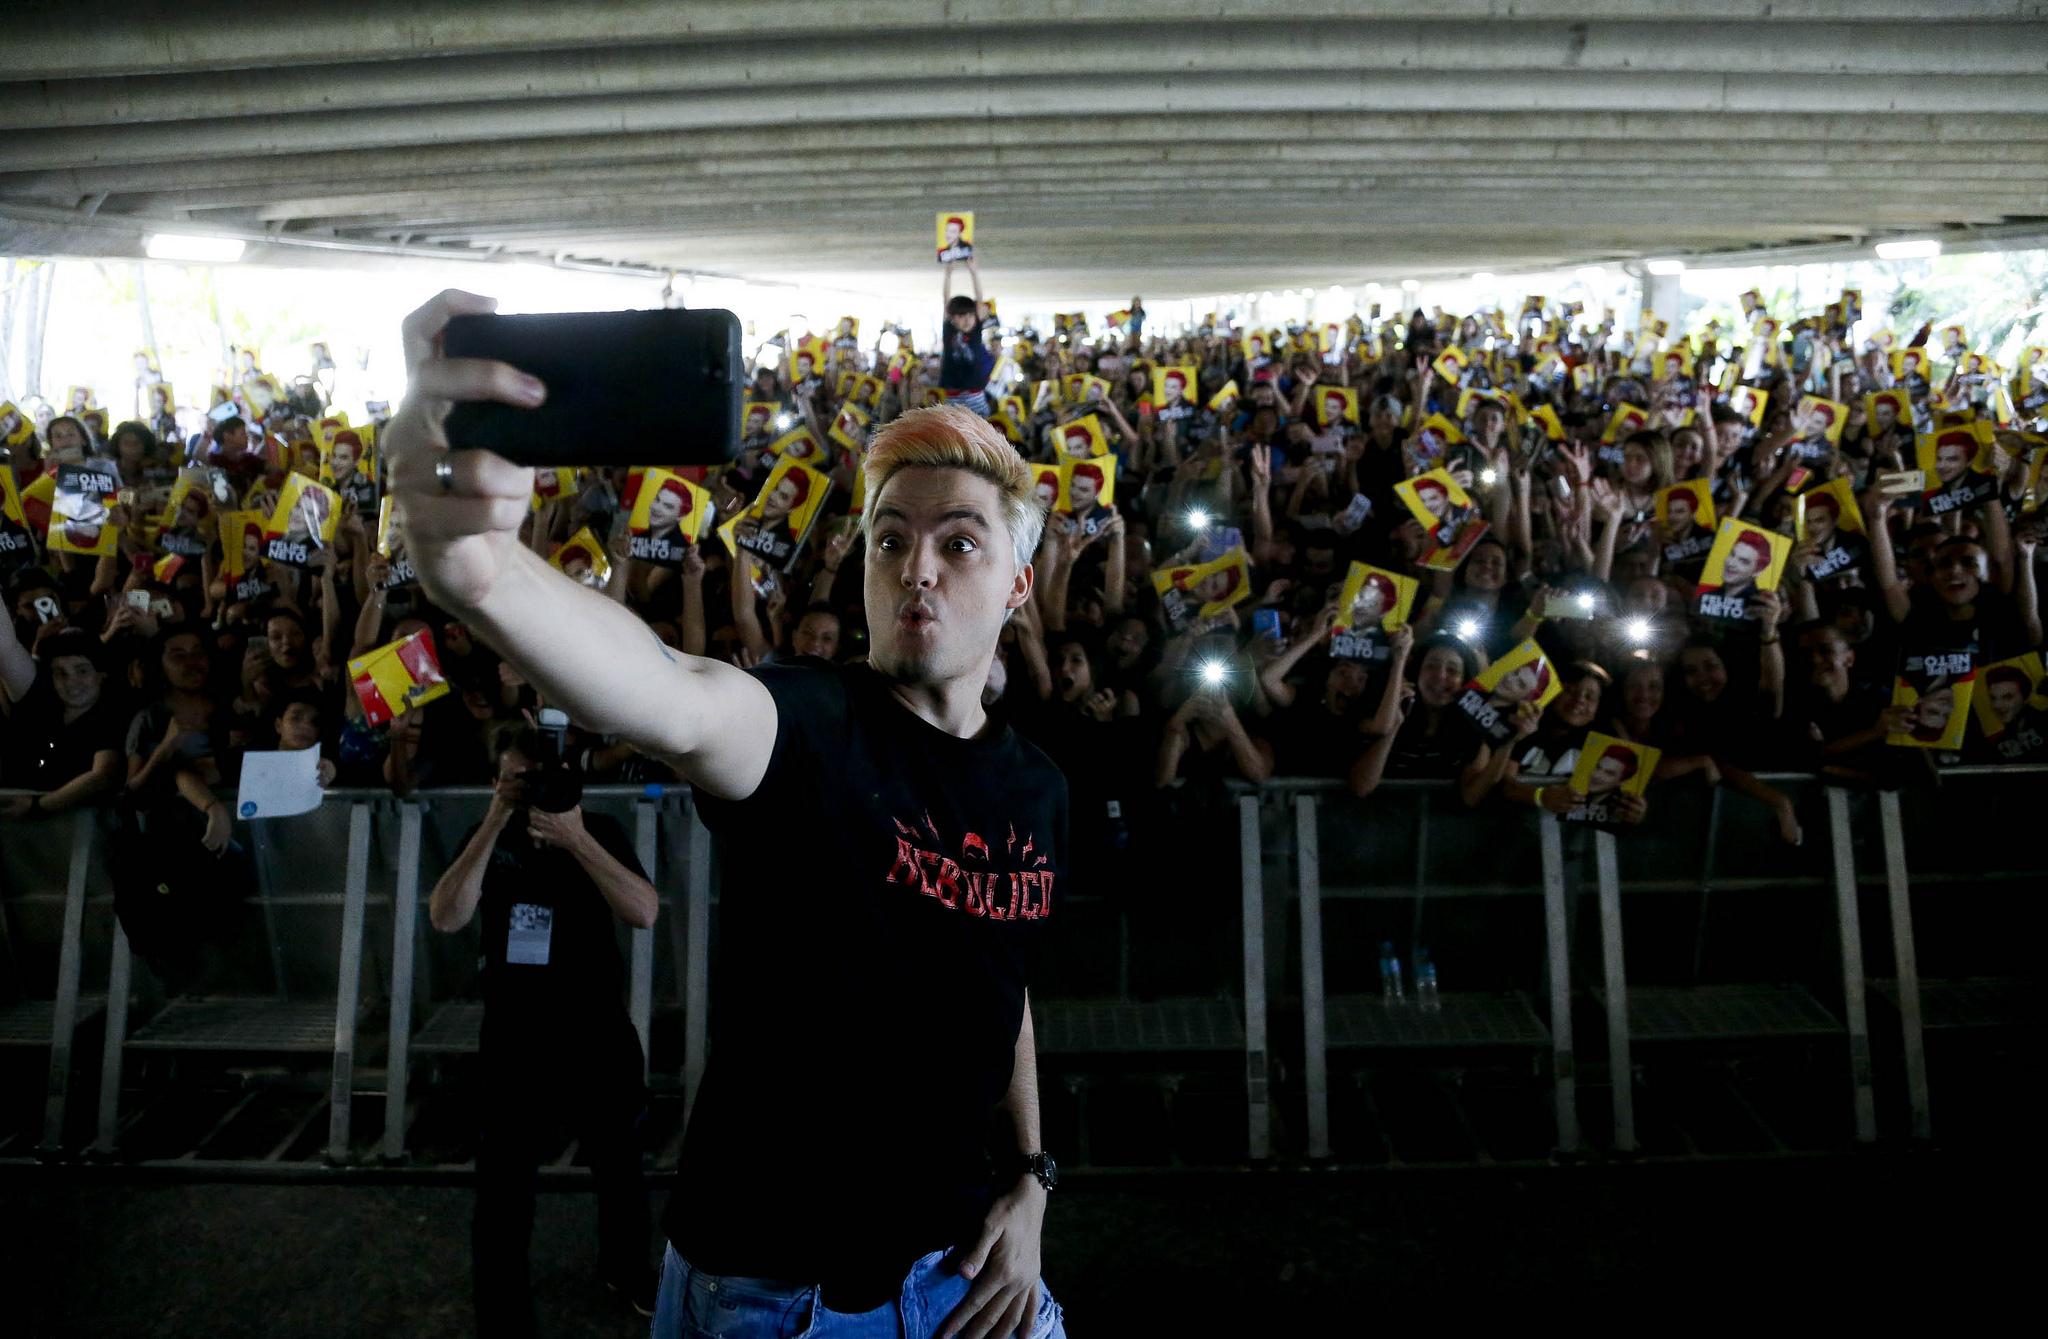 O youtuber Felipe Neto e seu séquito de… leitores. Passada a mania dos álbuns para colorir, a feira literária se rende às webcelebridades